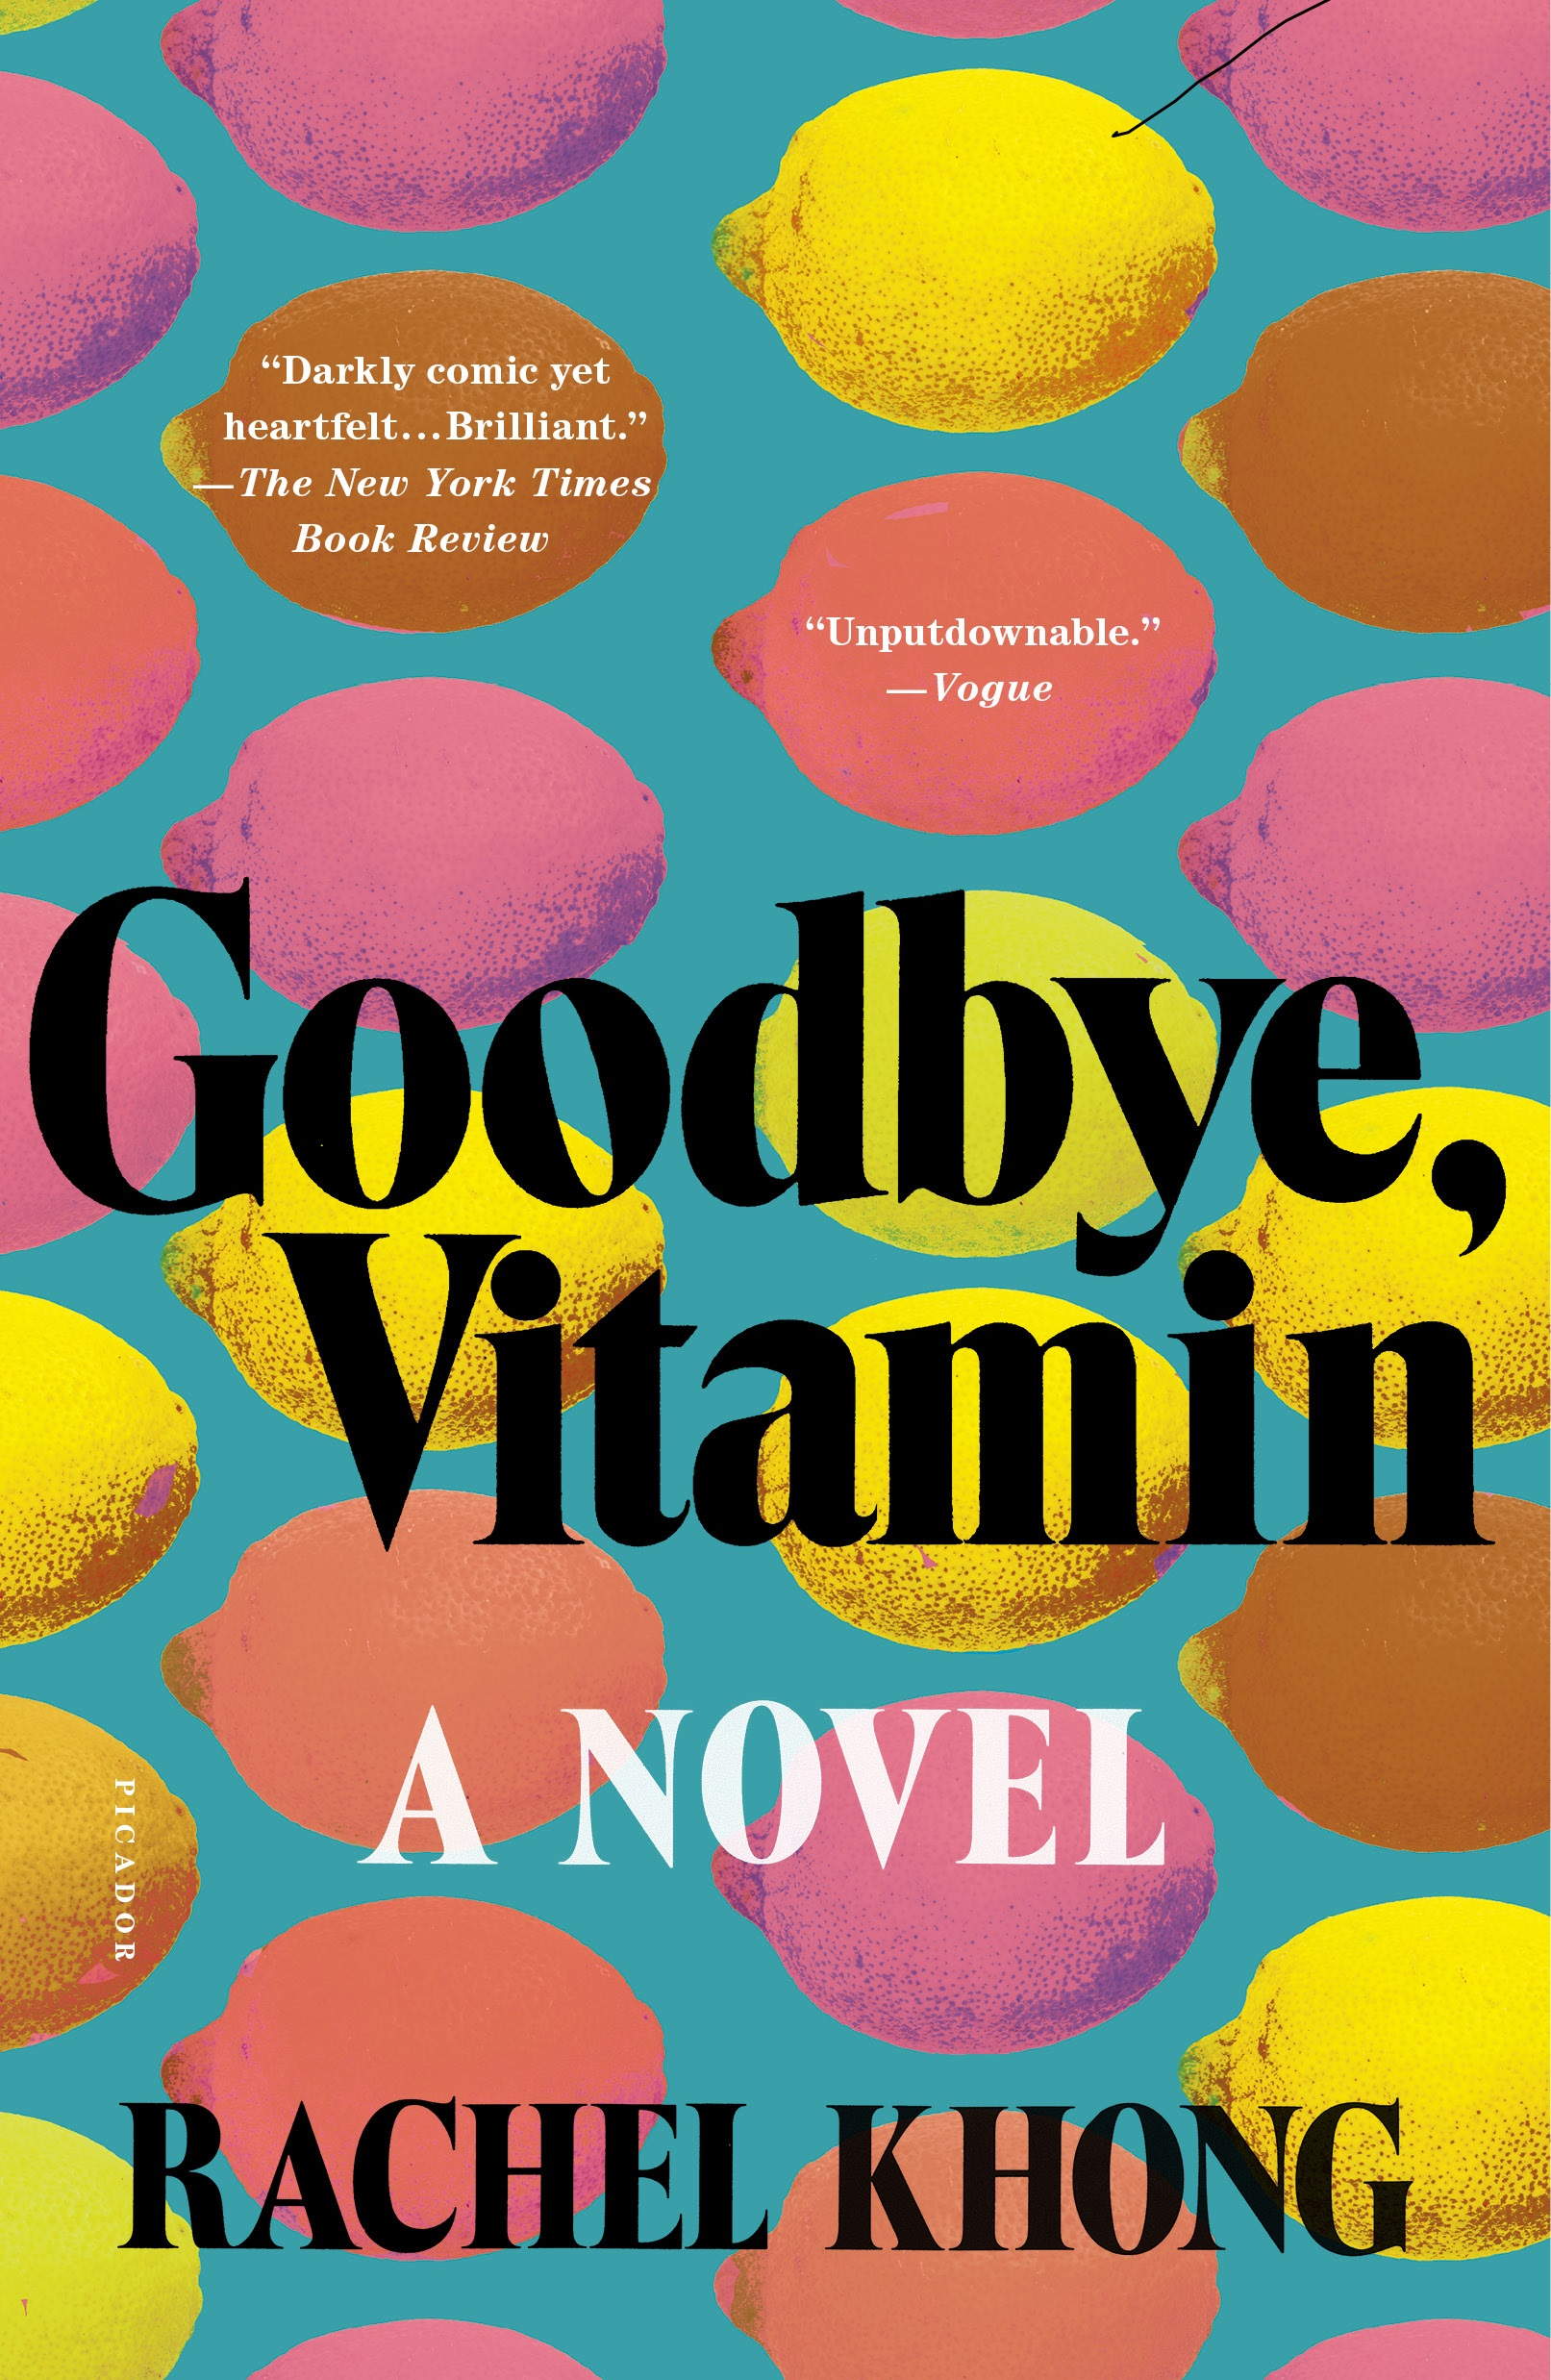 Khong - GOODBYE VITAMIN - paperback jacket